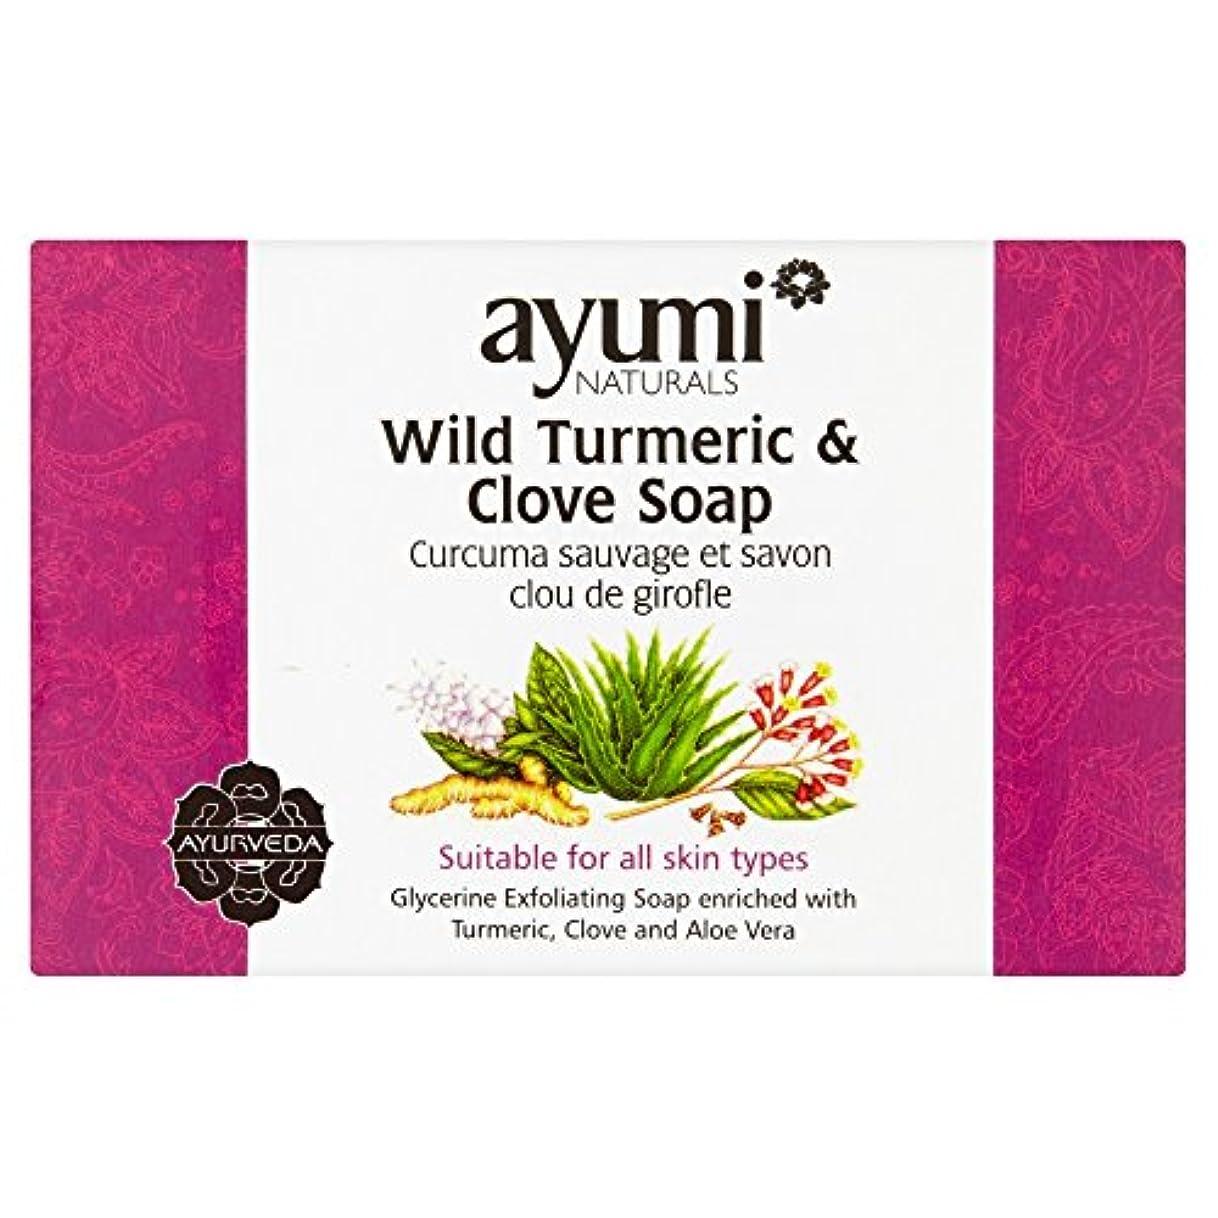 厄介な哀れな医薬品Ayumi Turmeric & Clove Soap 100g